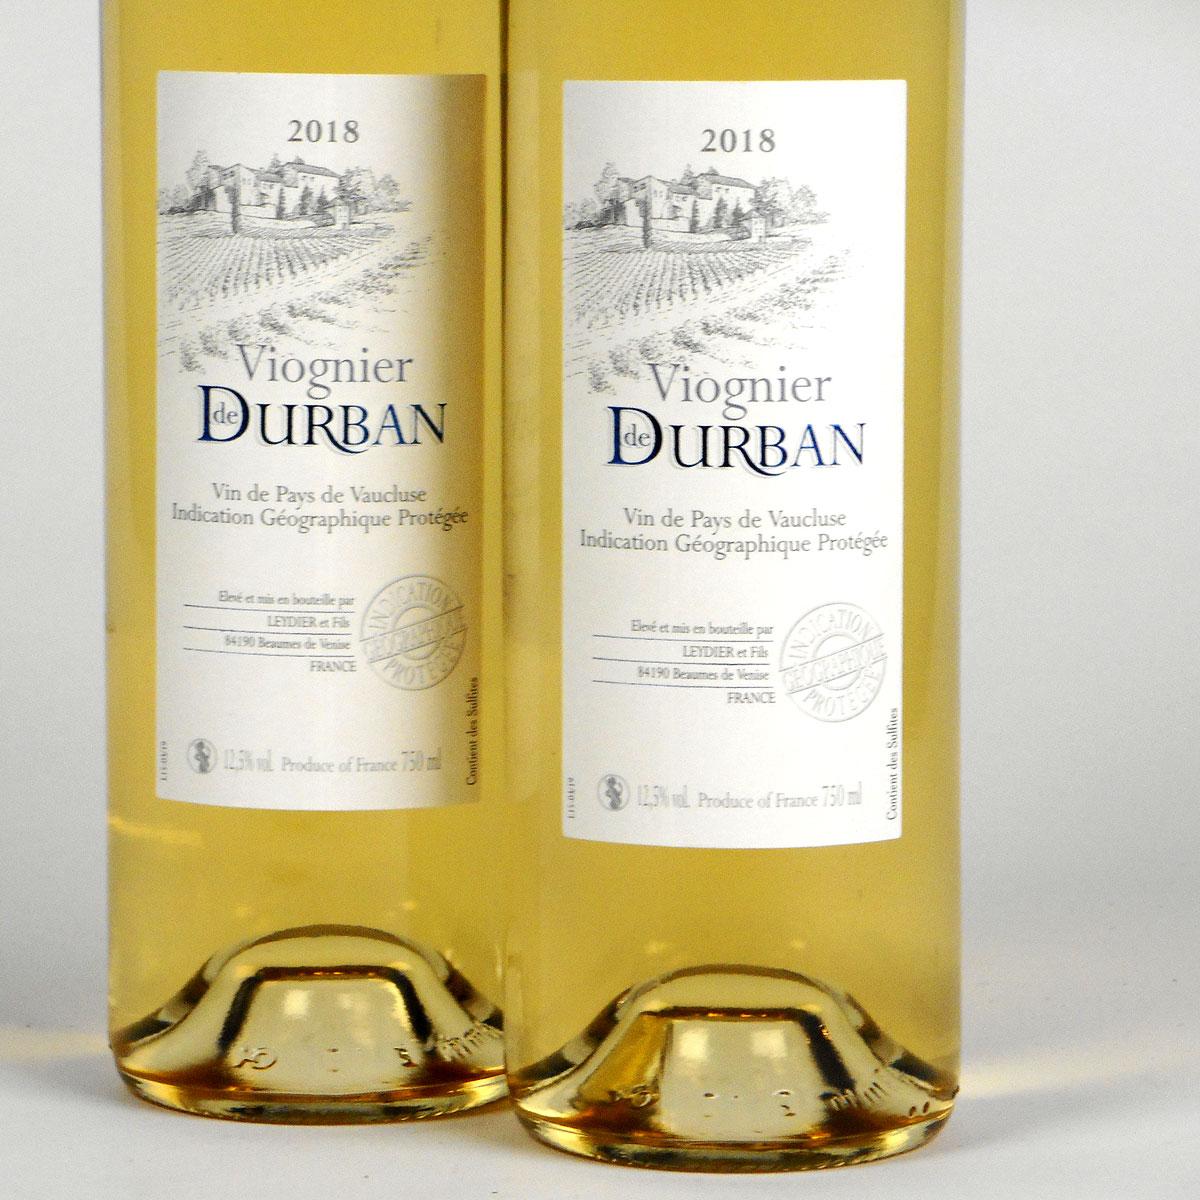 Vin de Pays de Vaucluse: Domaine de Durban Viognier 2018